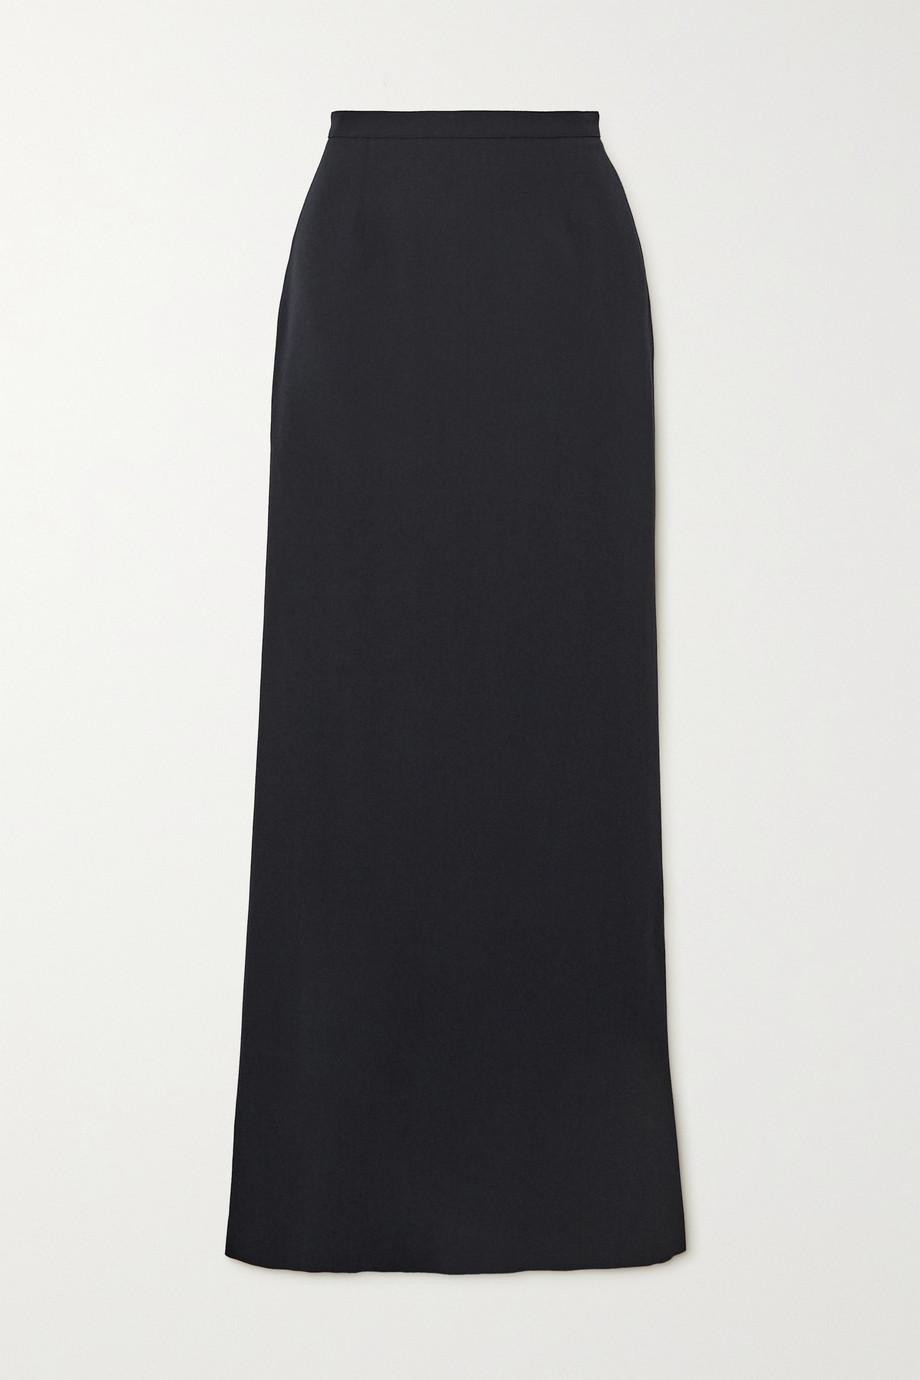 Alaïa Wool-crepe midi skirt